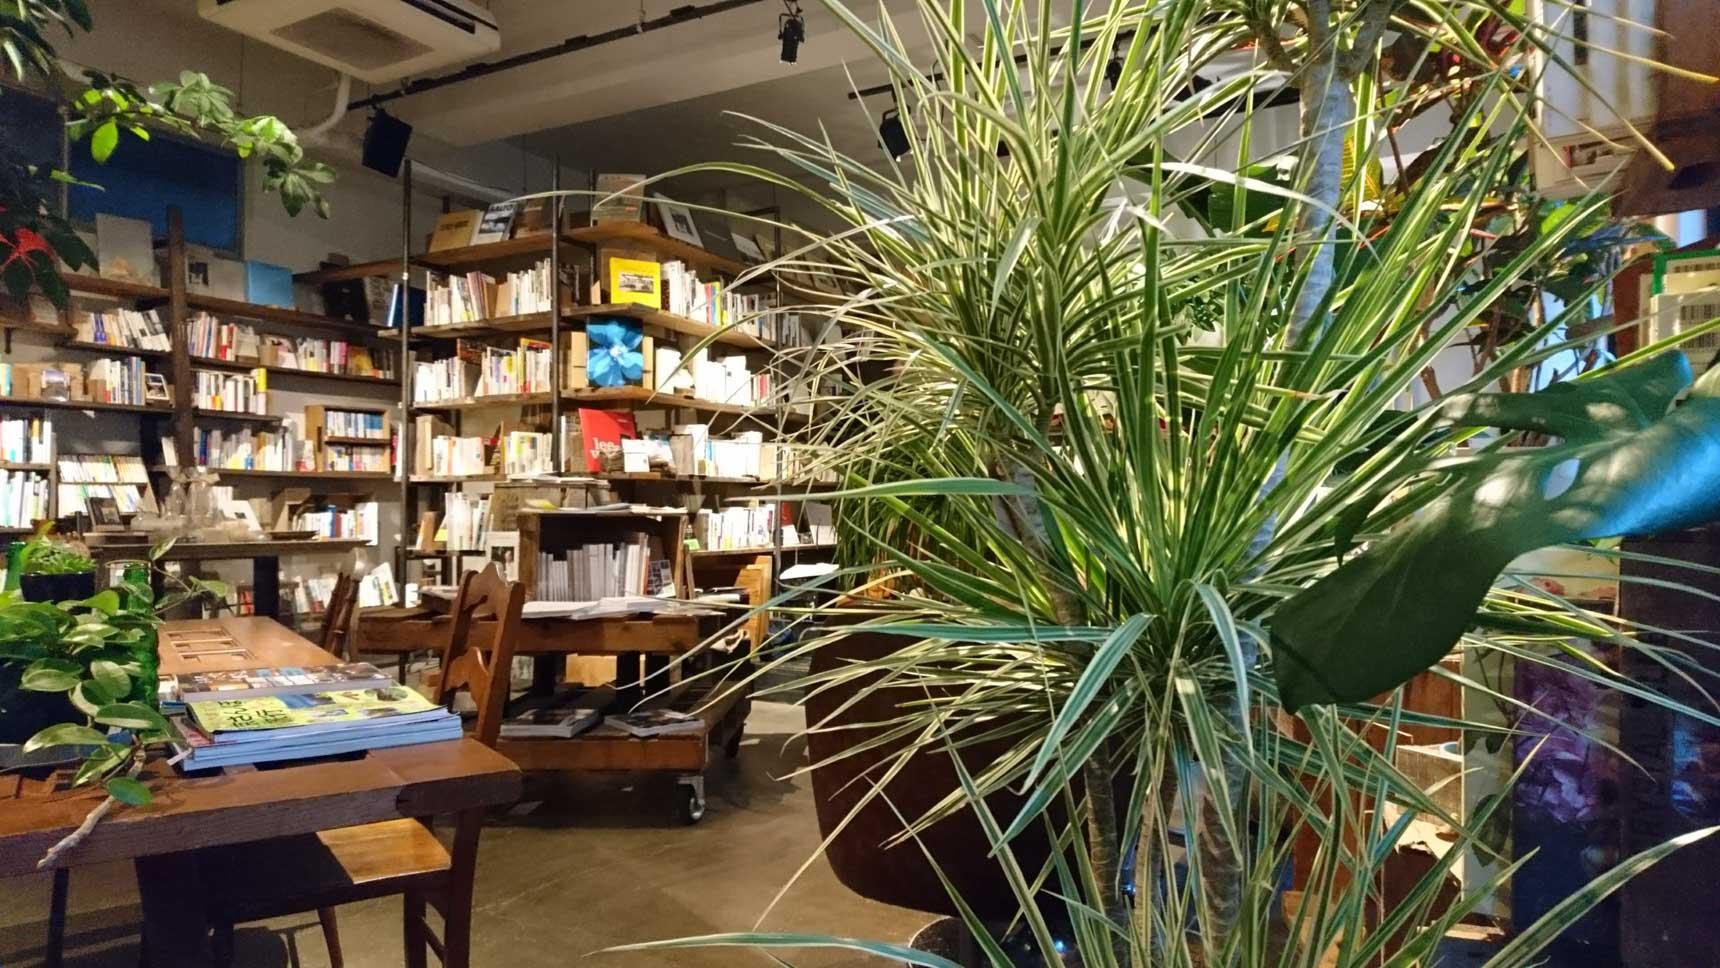 本の空間、植物の空間と分かれているのではなく、渾然一体となった空間がすごく魅力的です。